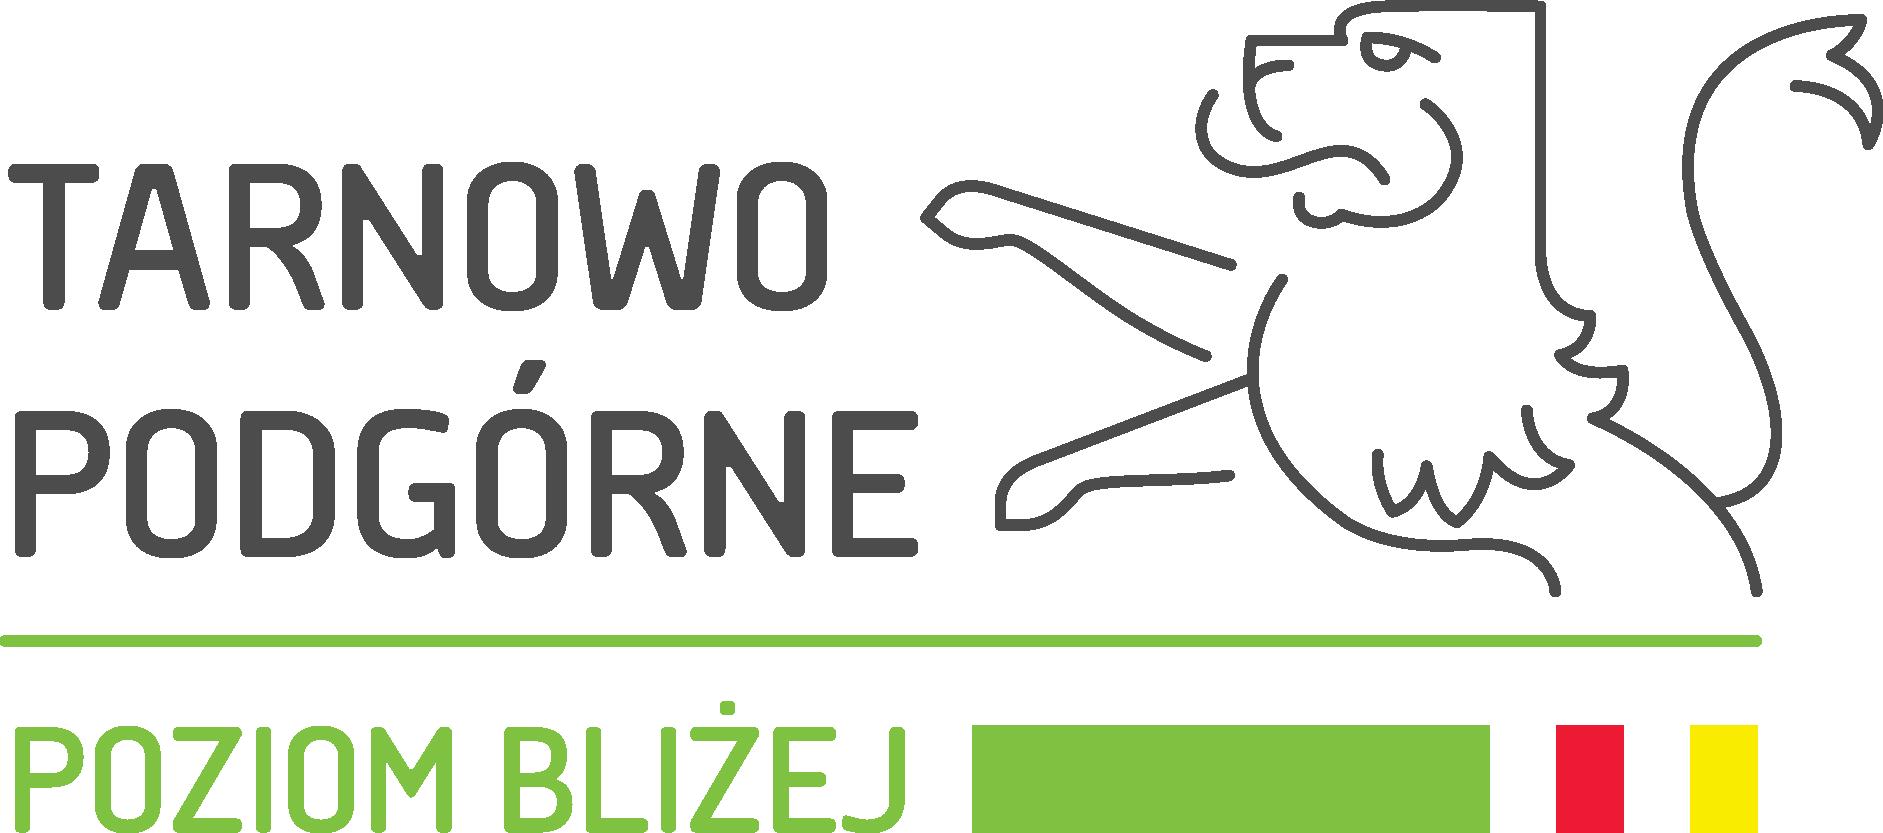 Urząd Gminy Tarnowo Podgórne